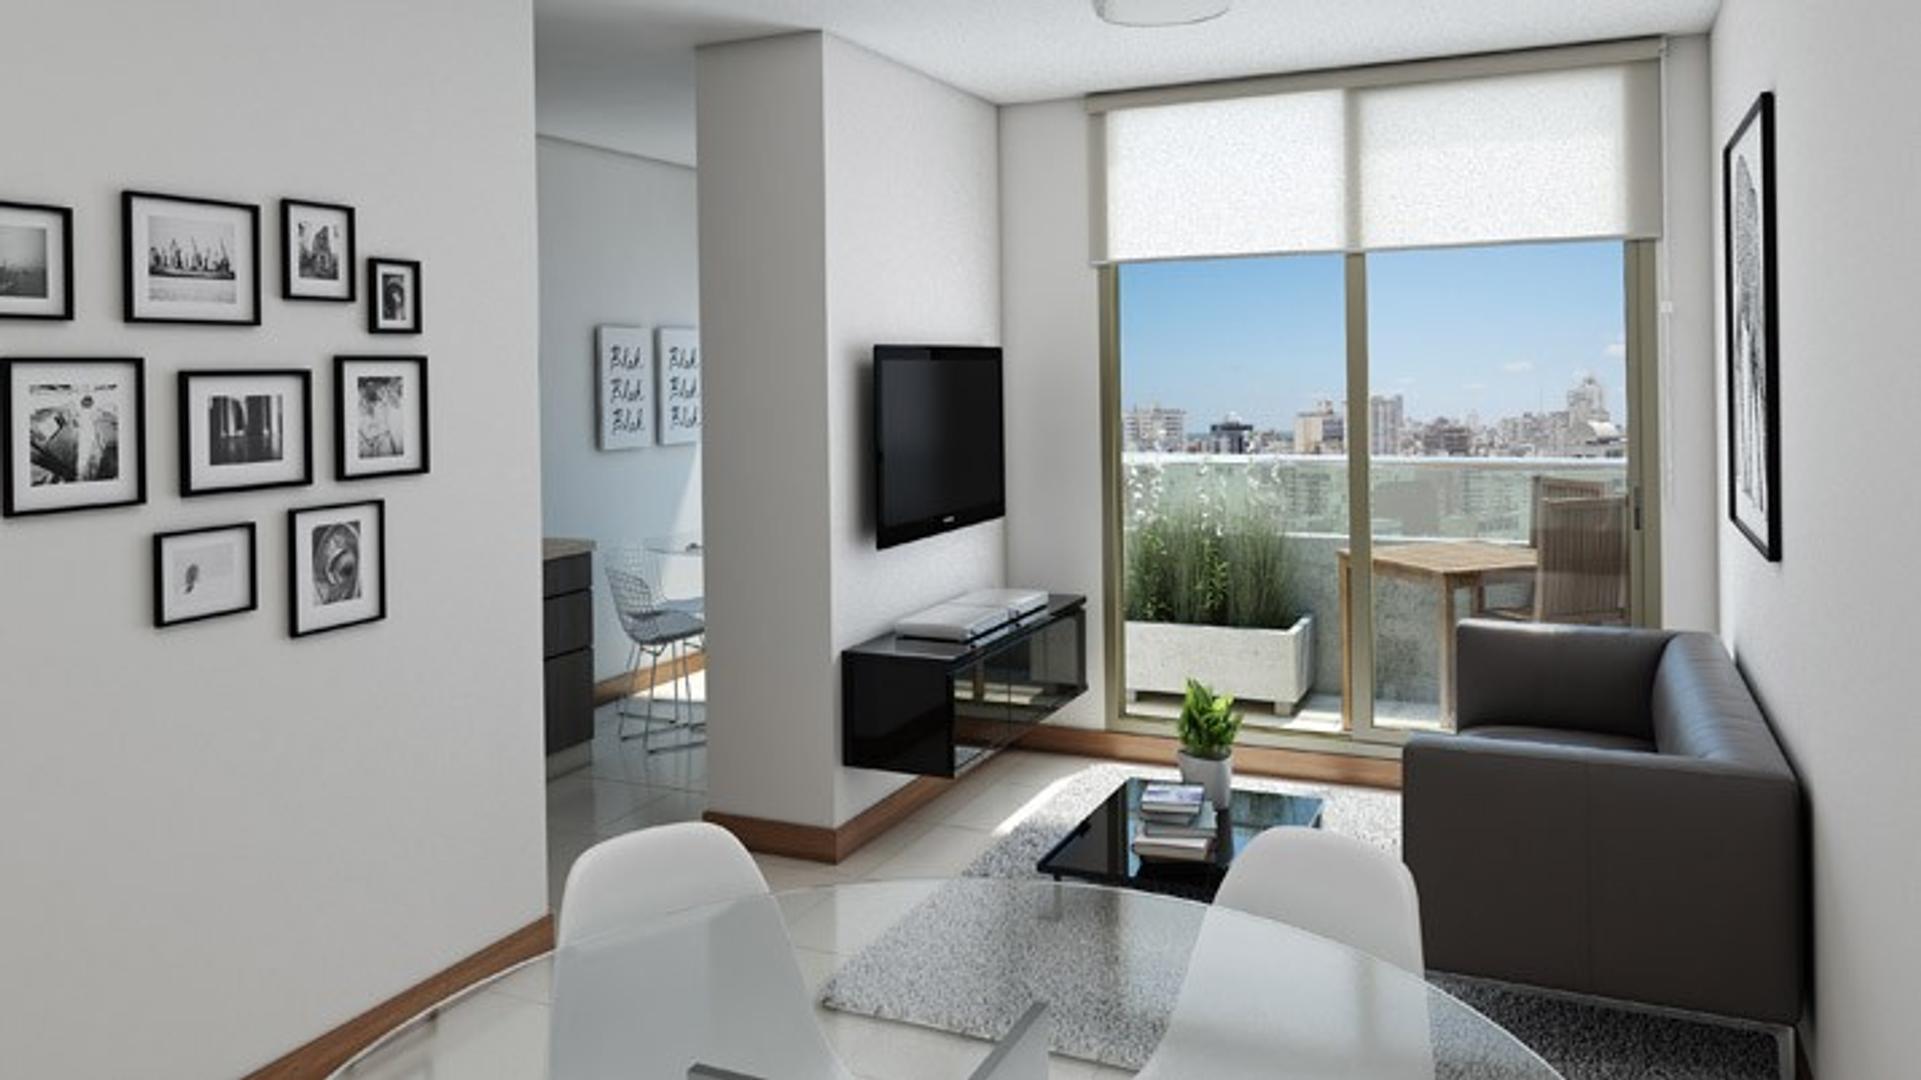 Oferta USD 1800 x m2 - Fundar - Silene II - Uno y dos Dormitorios - En Construcción